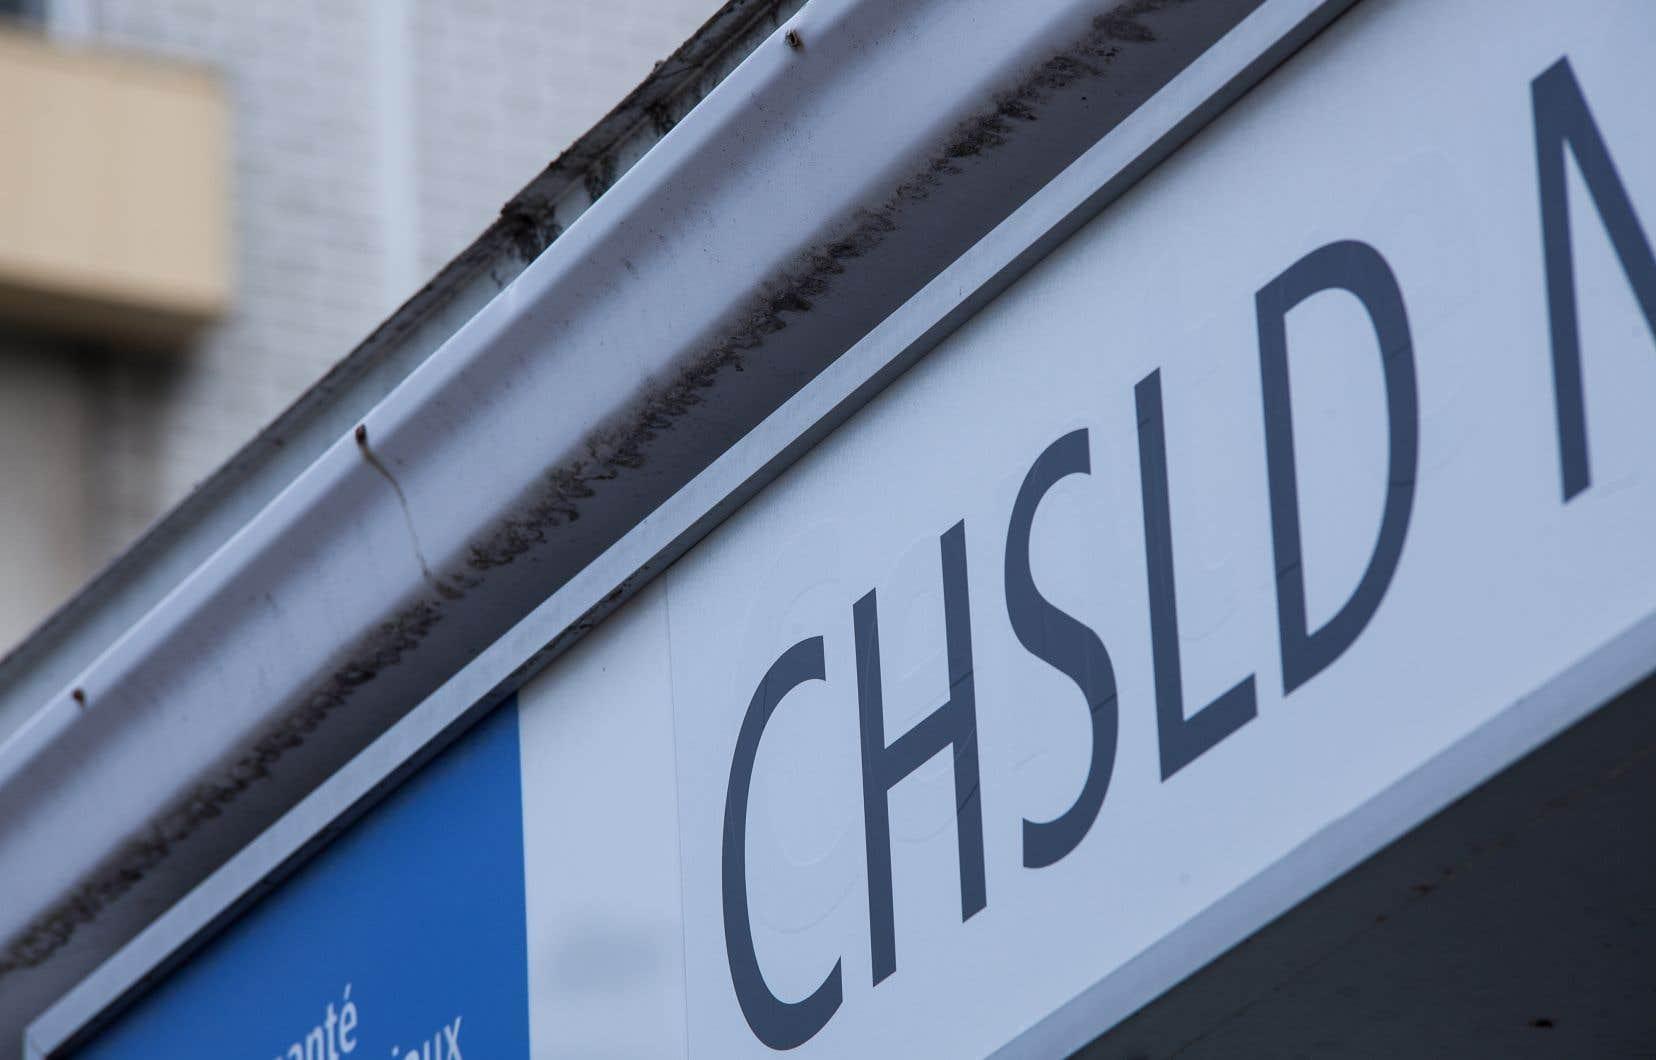 Le gouvernement du Québec prévoit un recrutement massif de préposés dans les CHSLD et interdire la mobilité de la main-d'œuvre.